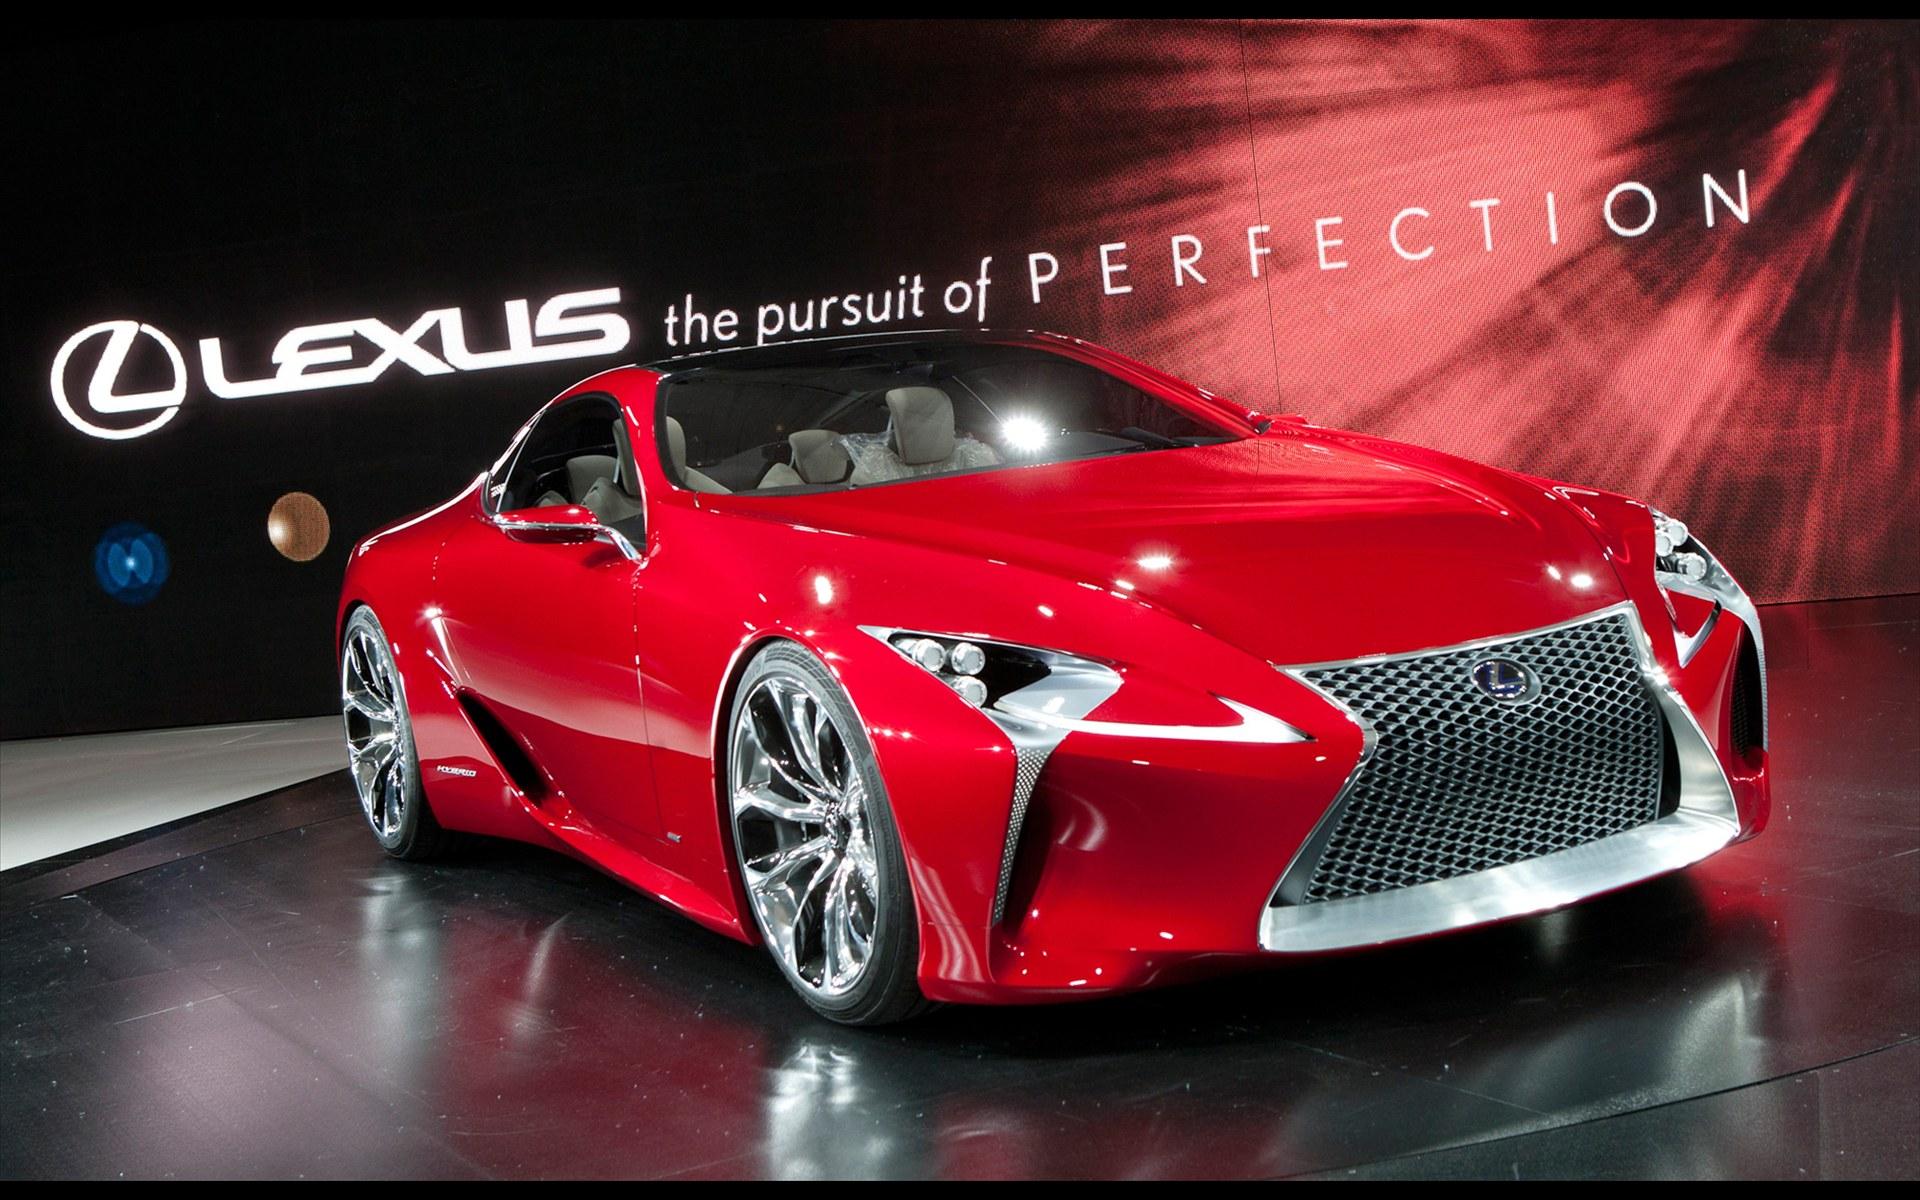 雷克萨斯lf lc sports coupe concept